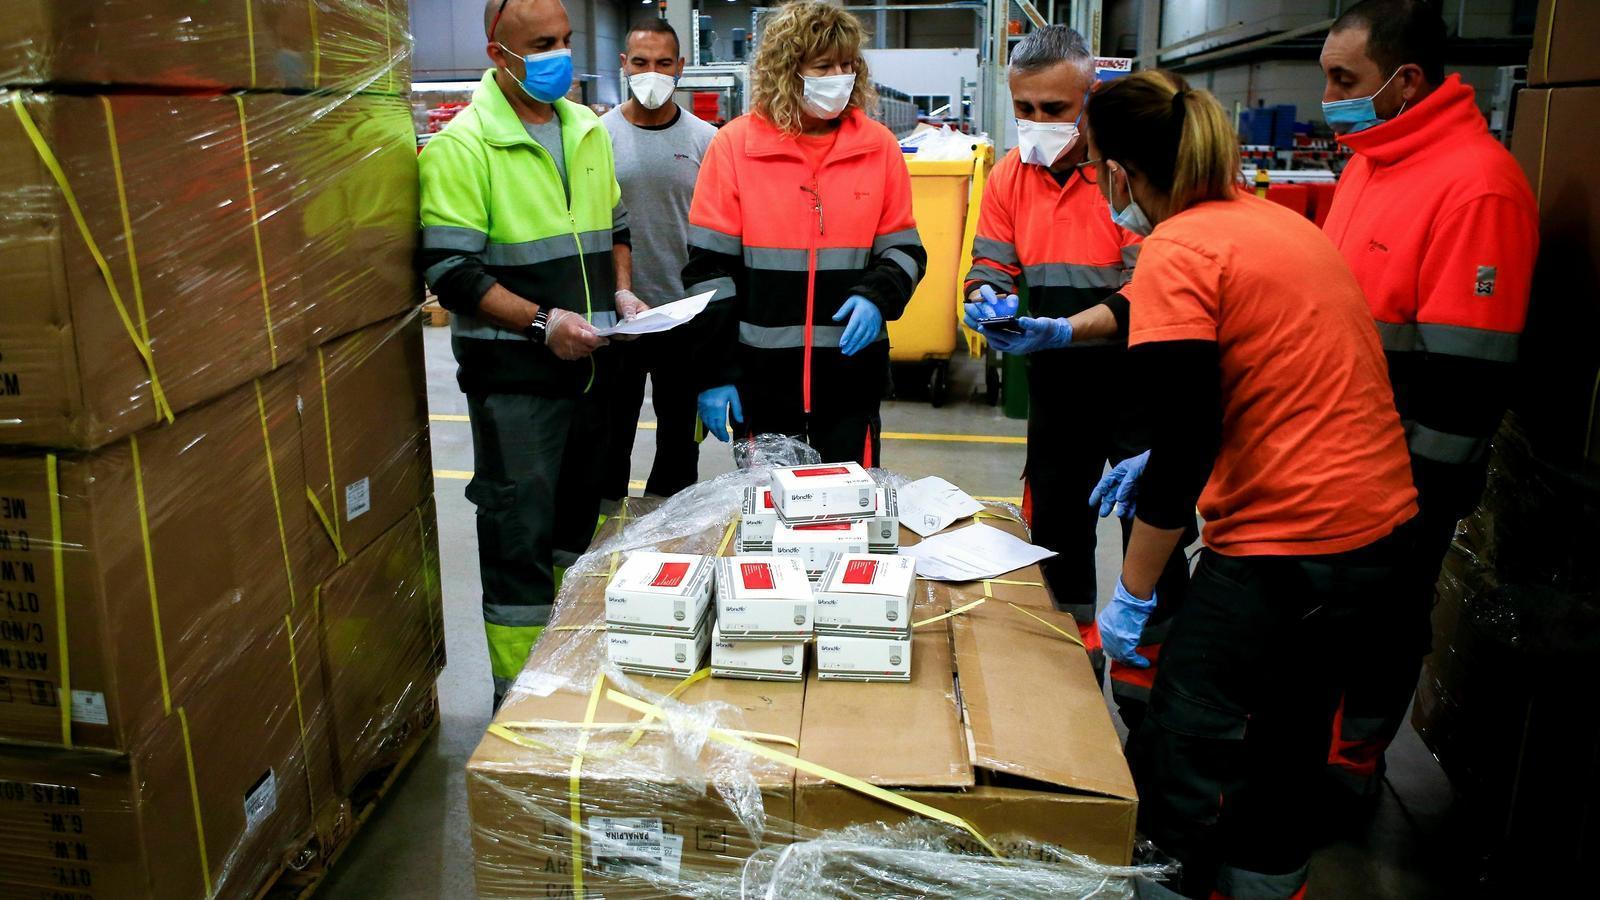 Treballadors de l'empresa Logaritme Servei Logistics IAE revisant el material sanitari a punt per ser distribuït a hospitals i residències de Catalunya / QUIQUE GARCÍA / EFE